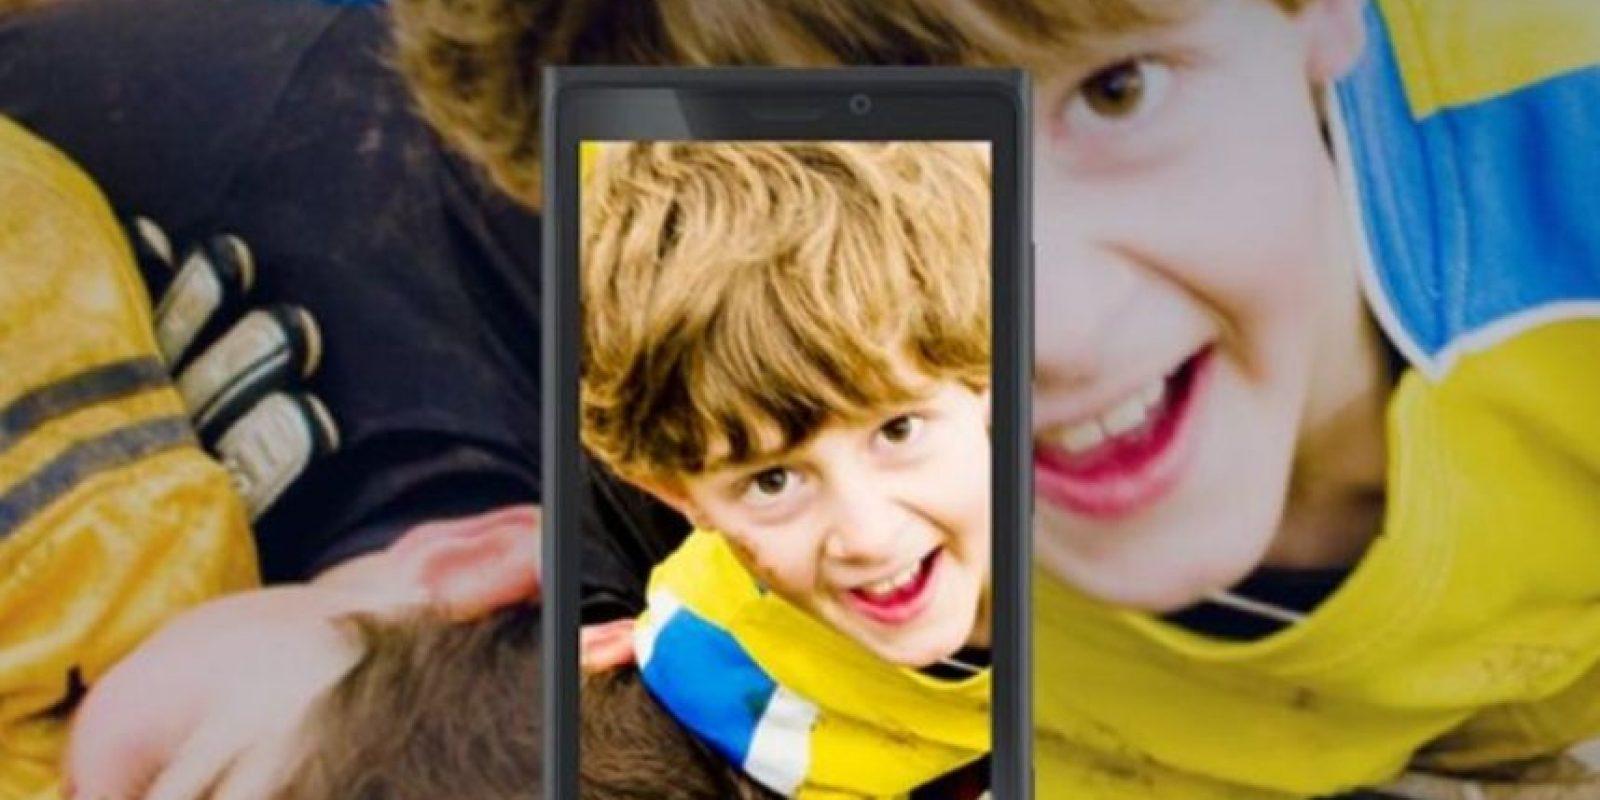 OneDrive de Microsoft está ganando mucho terreno en el tema. Foto:vía onedrive.live.com